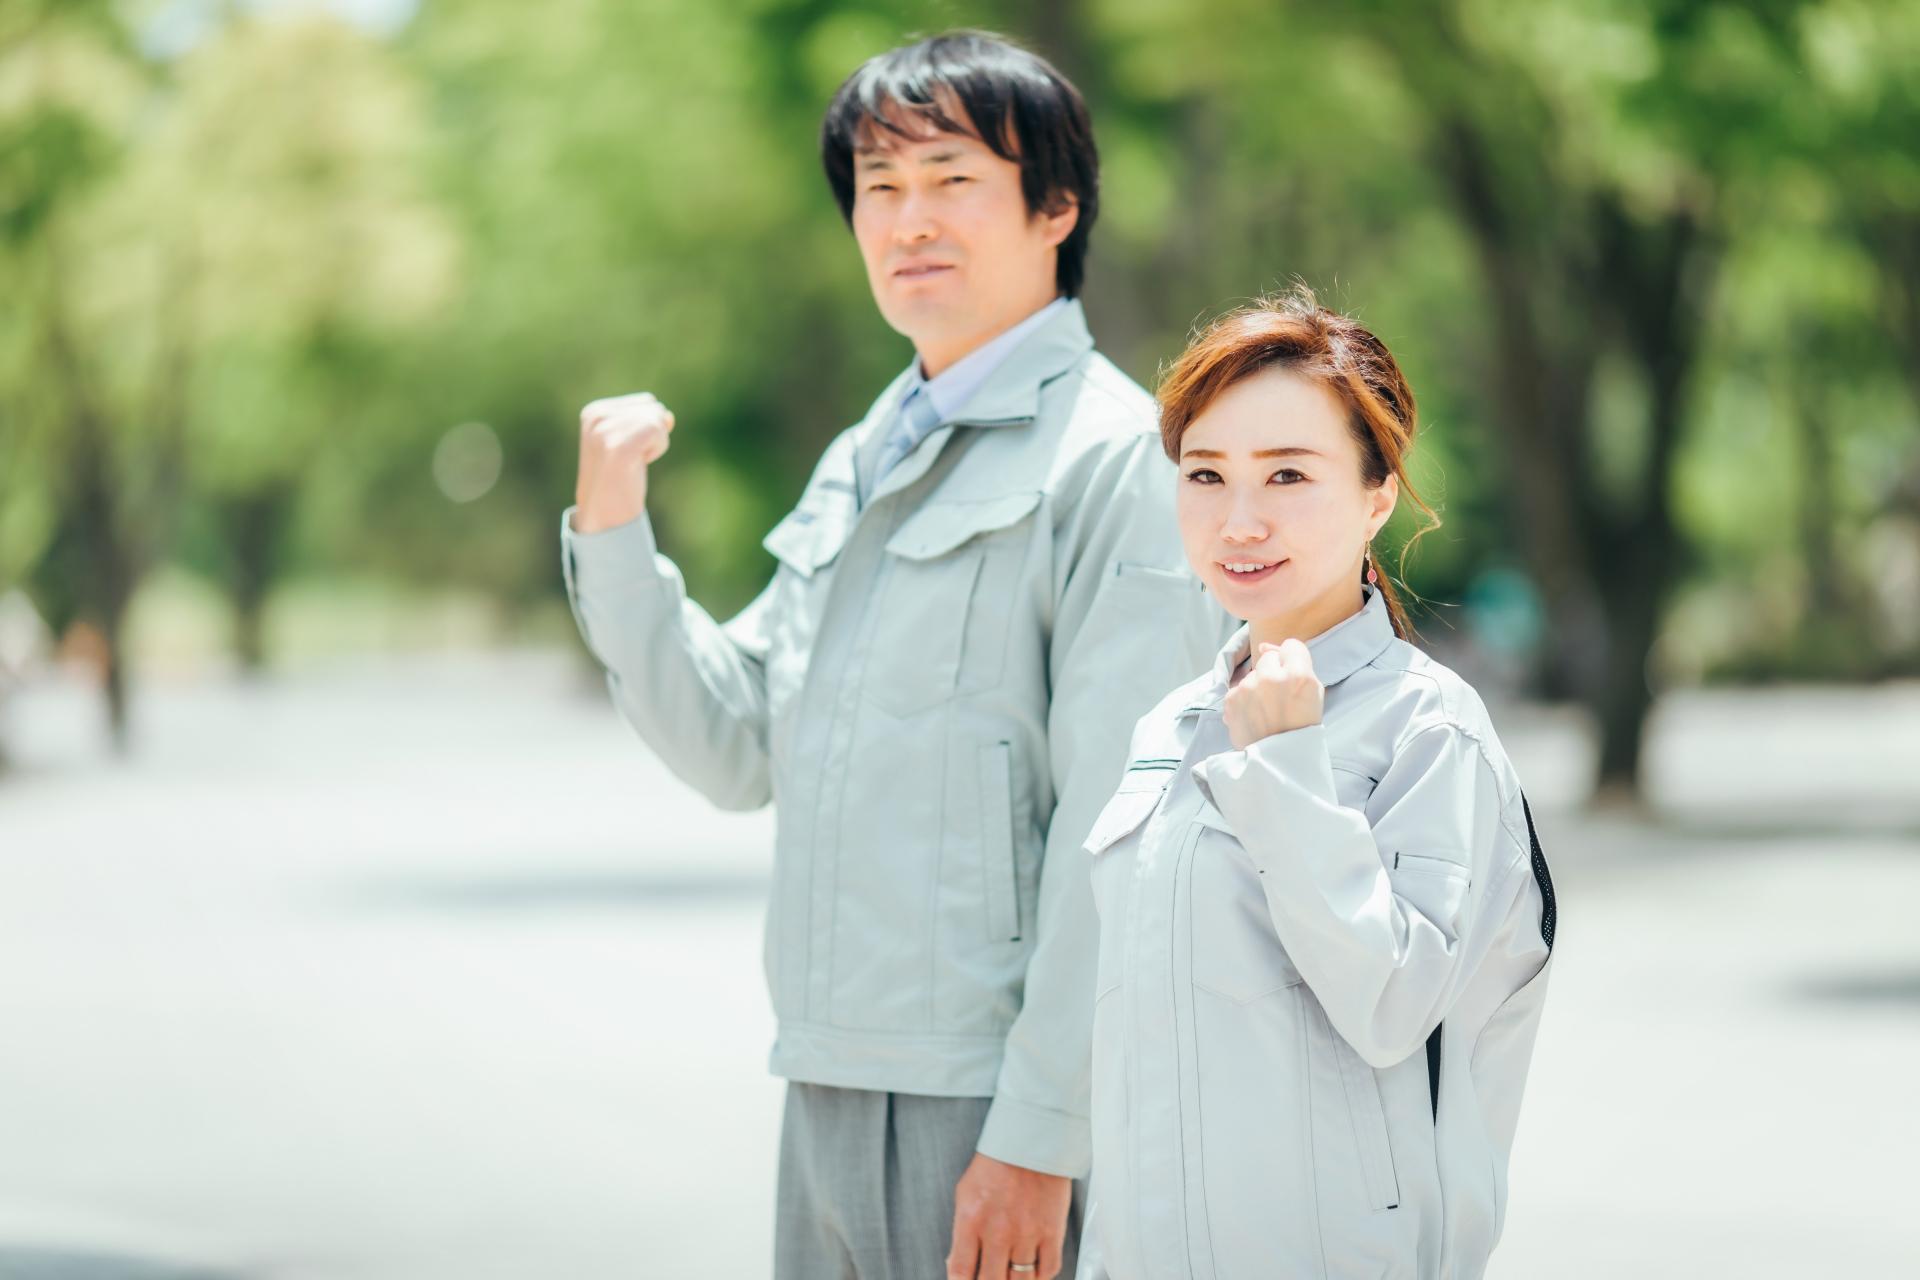 【大手製造業の工業内での勤務です】東舞鶴工場内での機械装置製造業務全般